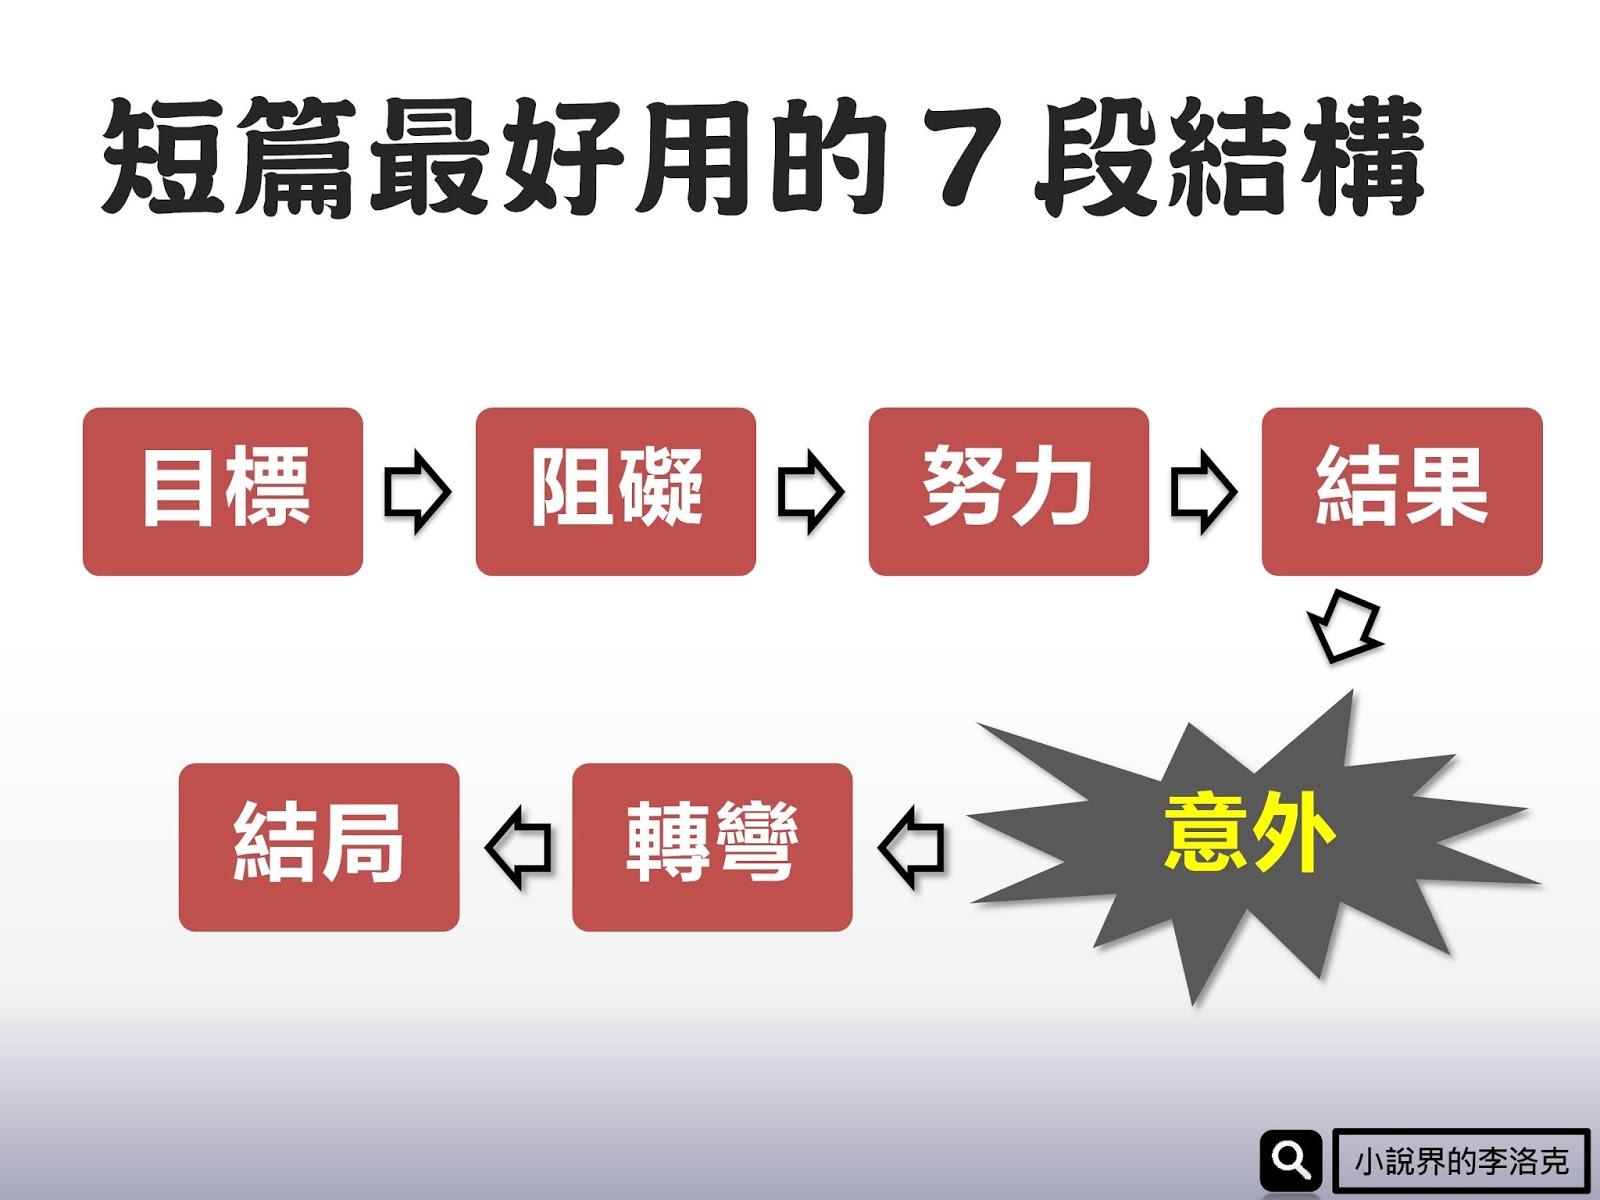 【編劇結構】中短篇故事超實用的7問題編劇公式